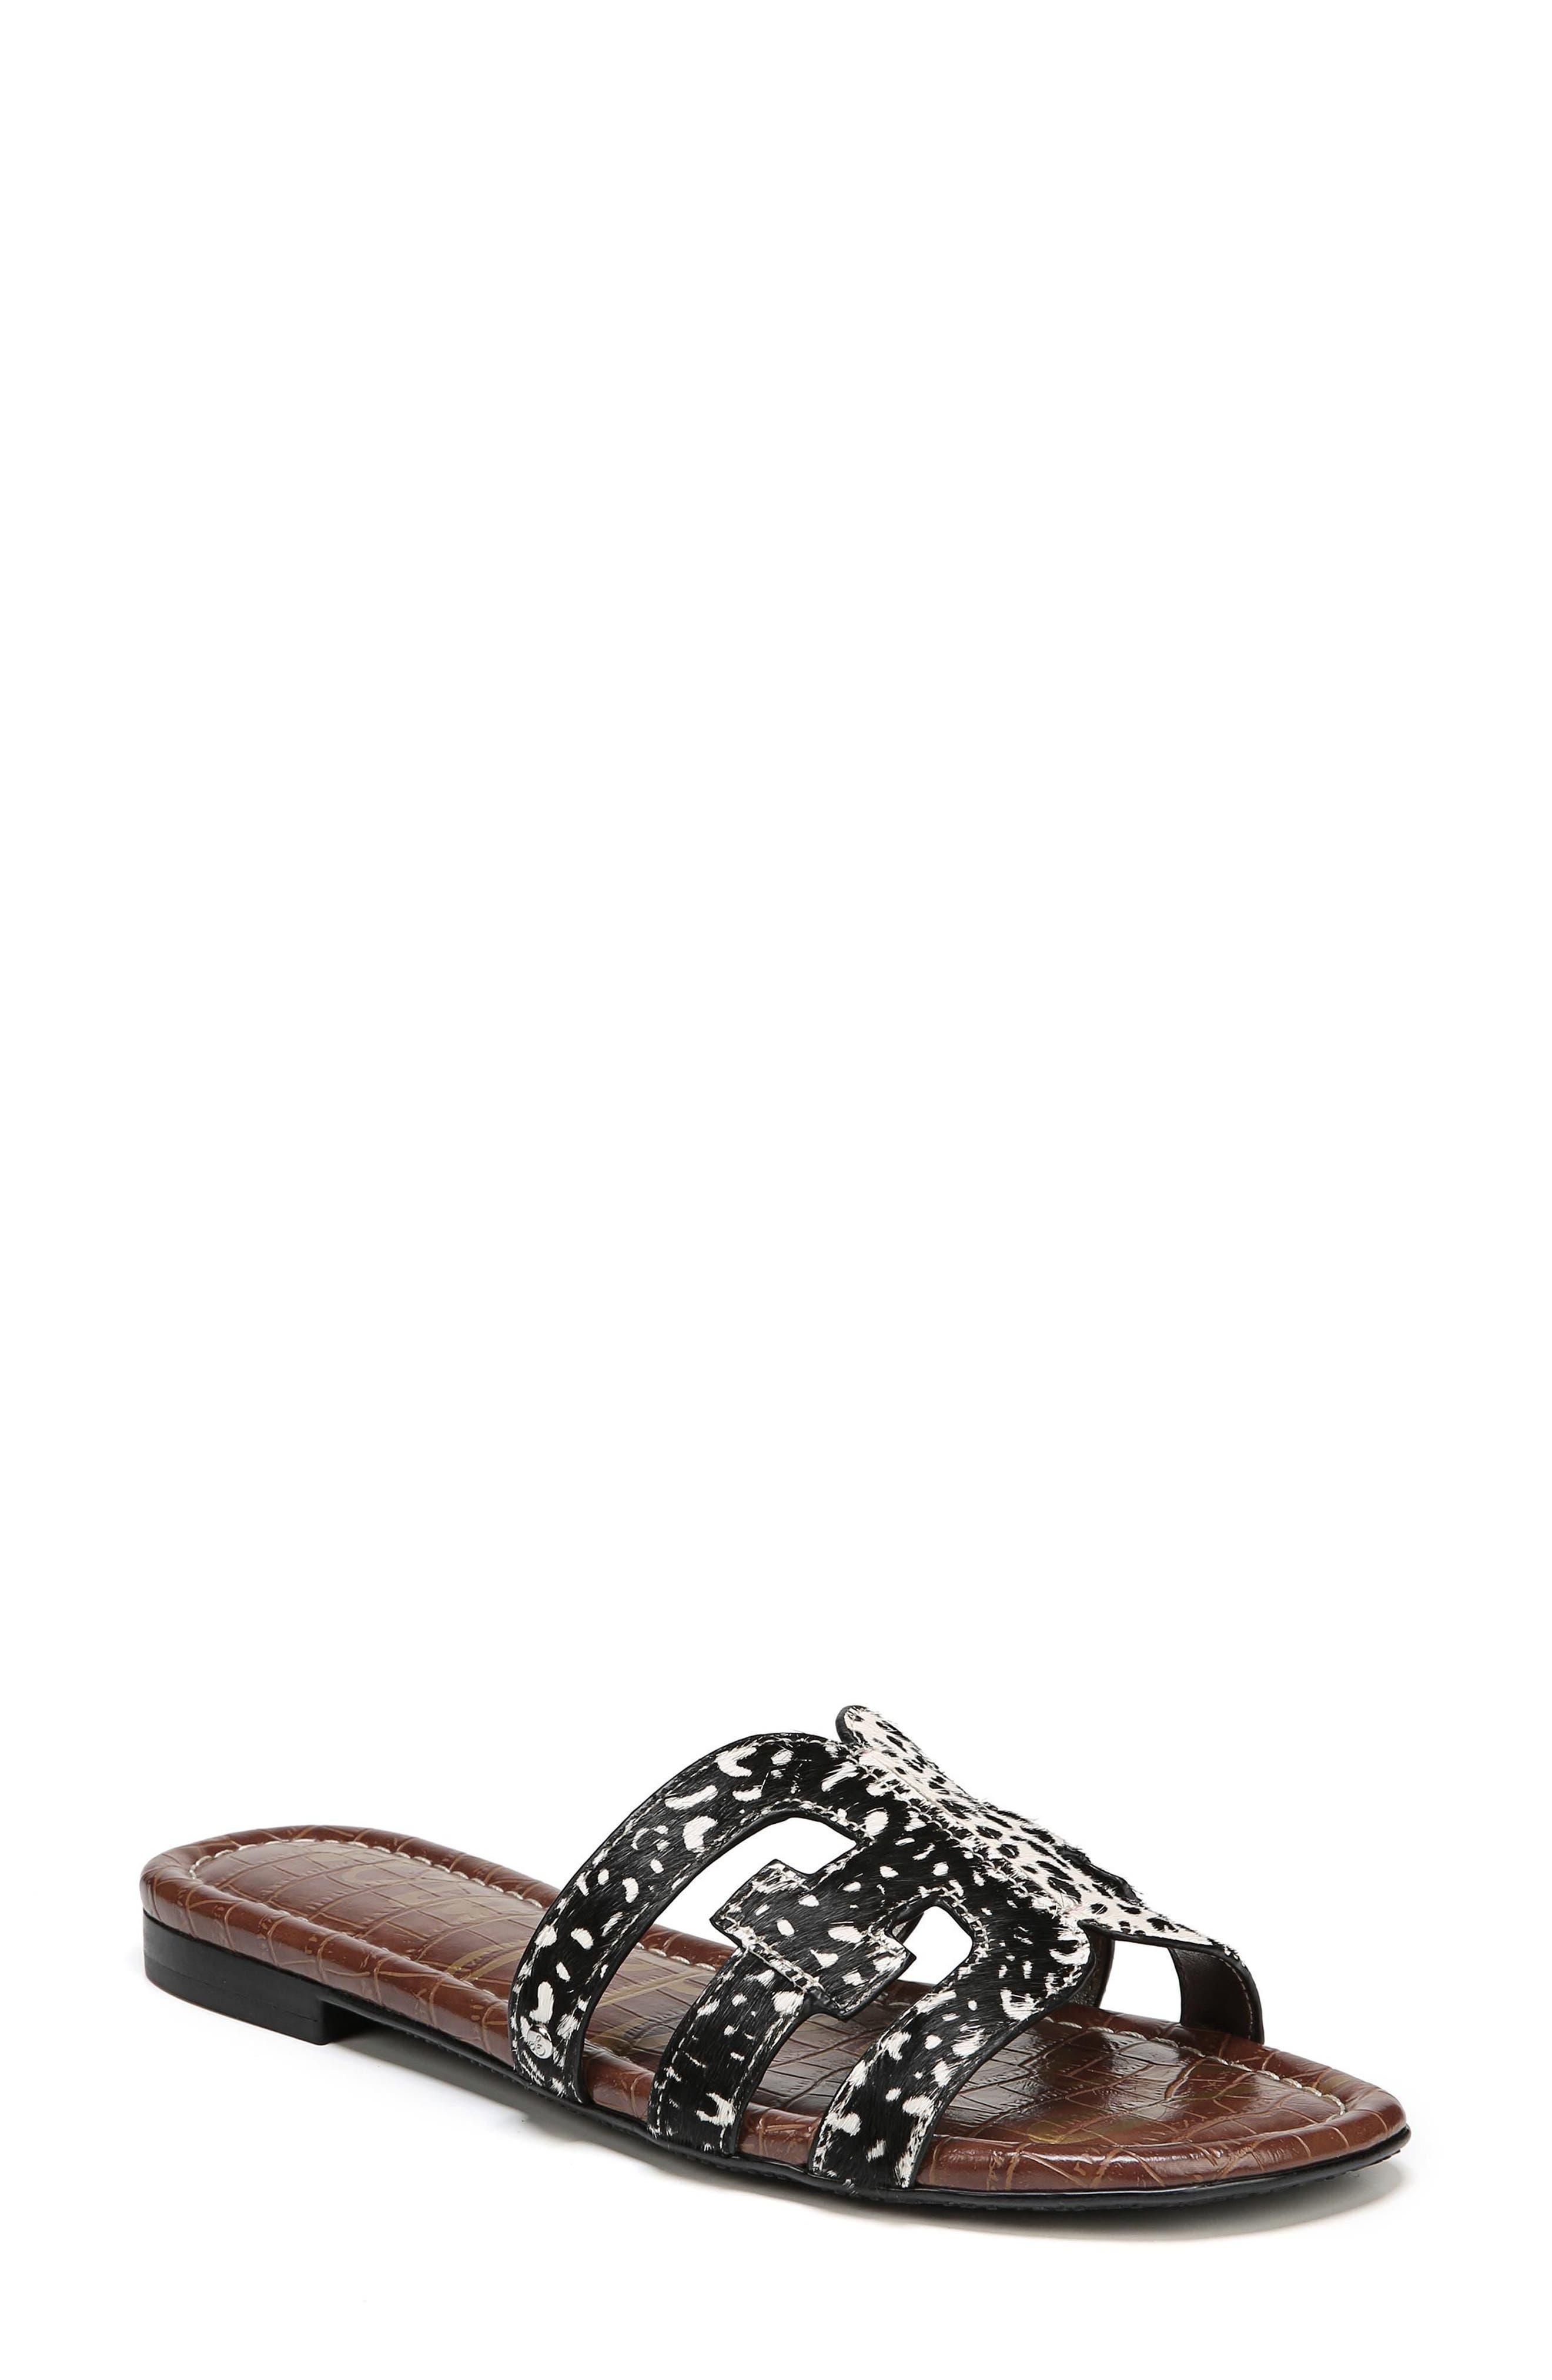 Bay Genuine Calf Hair Slide Sandal,                         Main,                         color, BLACK/ IVORY BRAHMA HAIR